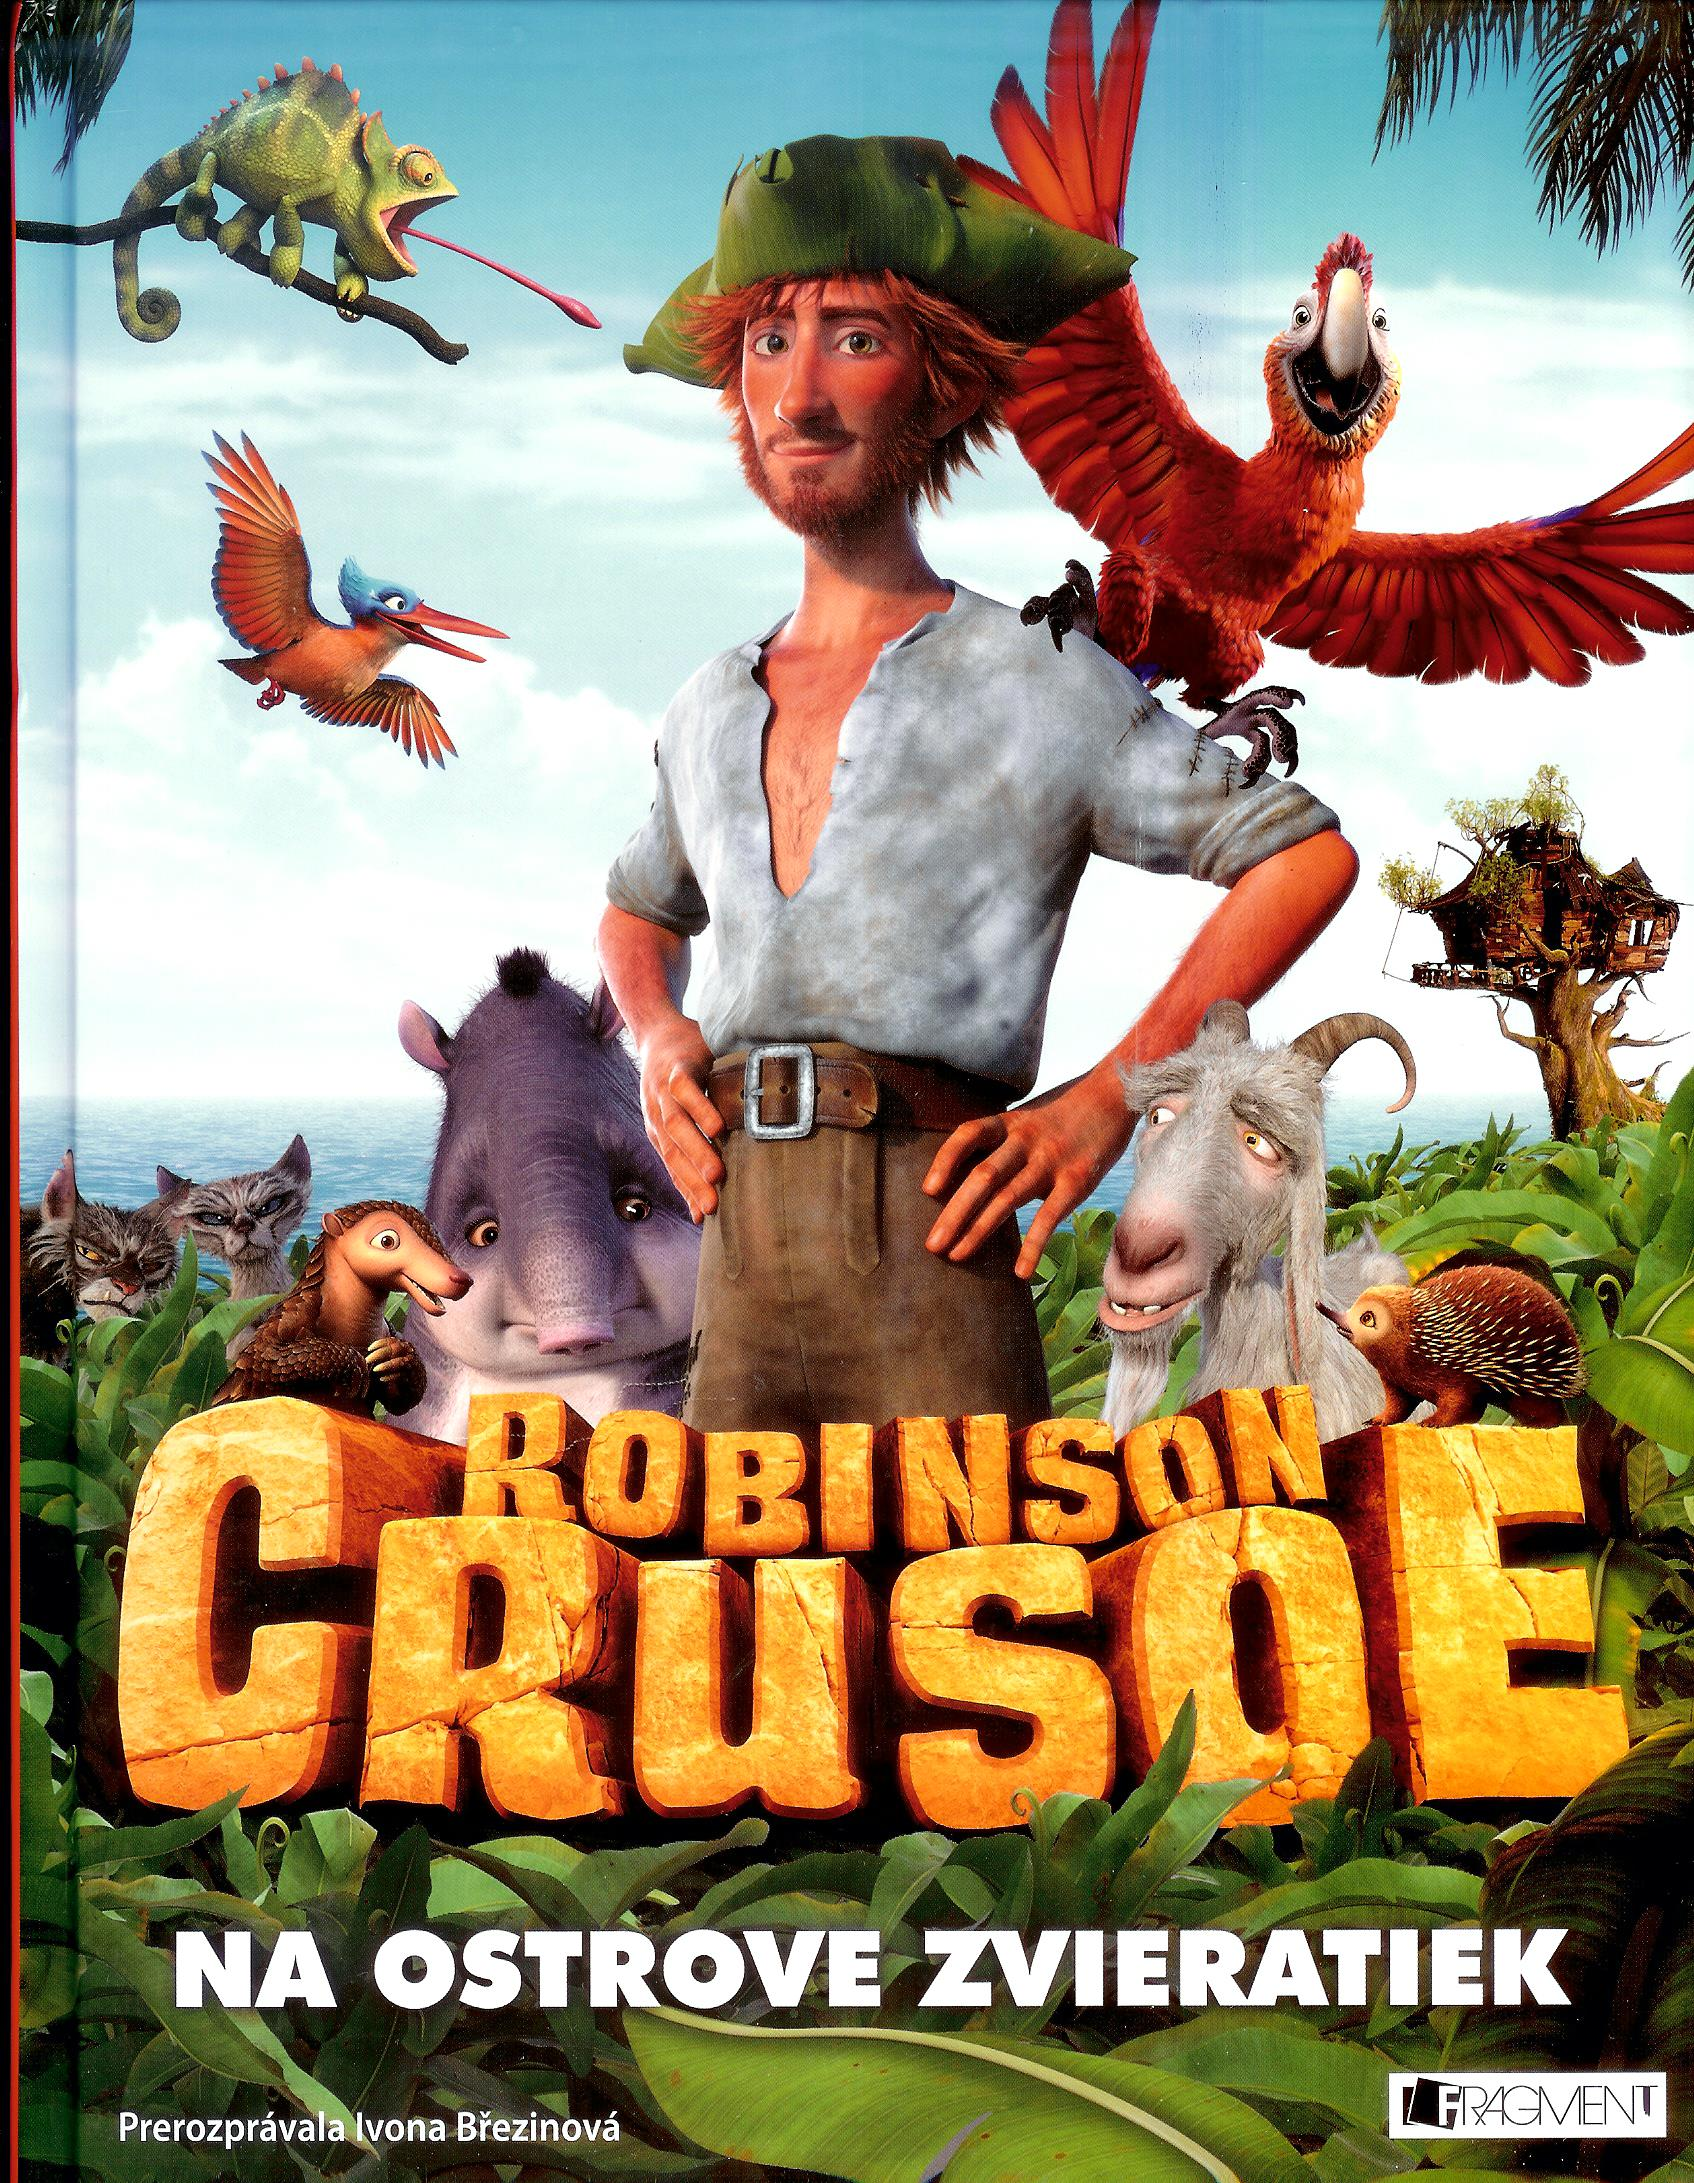 robinson-crusoe-na-ostrove-zvieratie-001